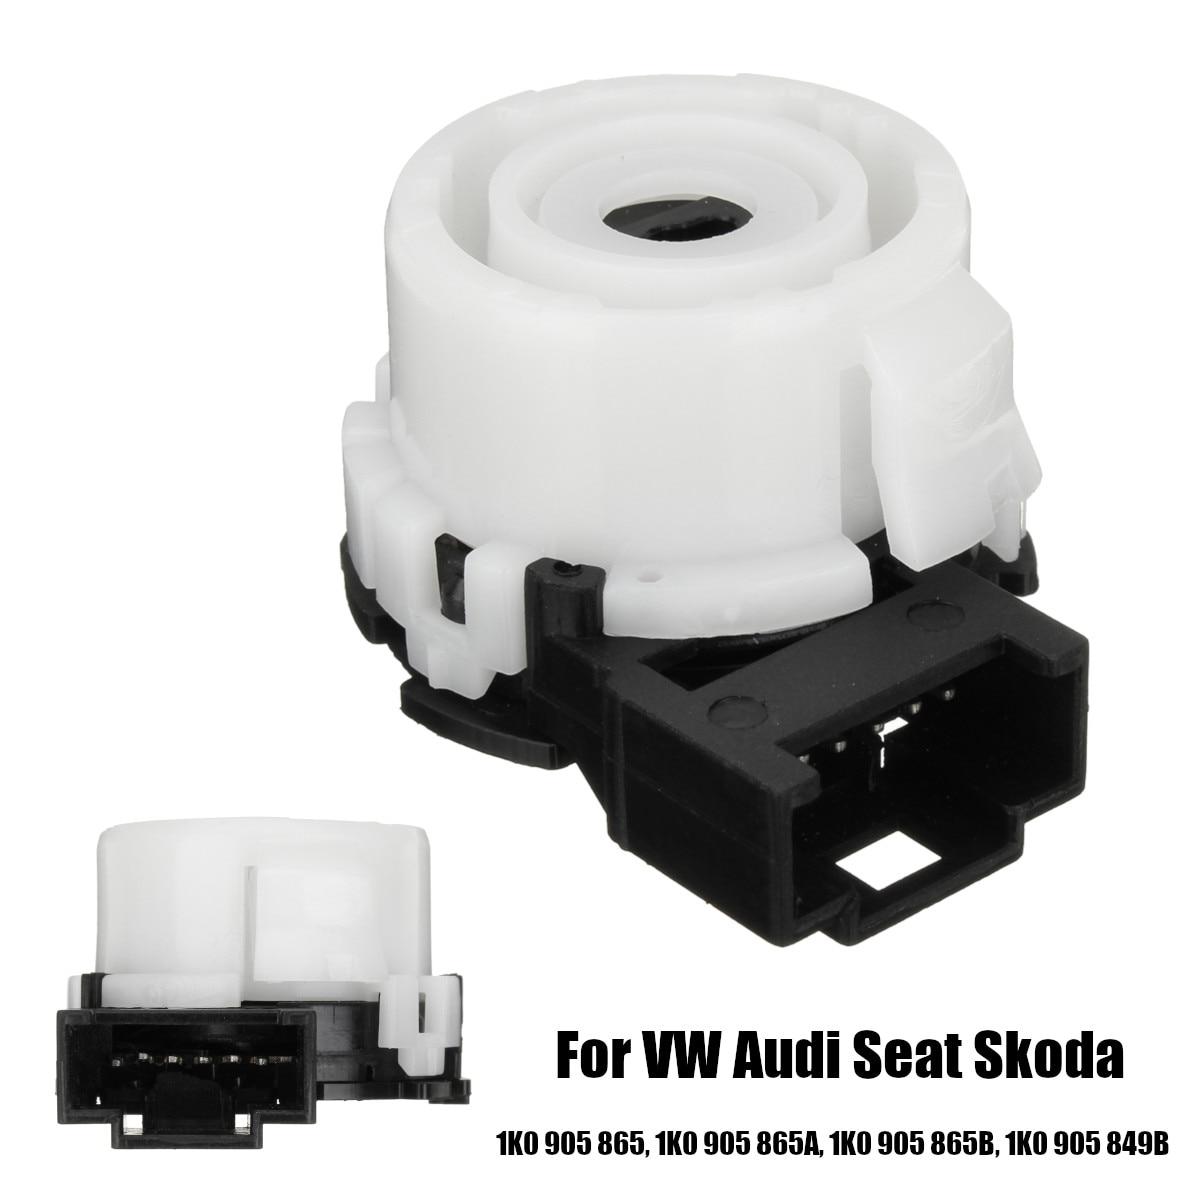 1K0905865 1K0905865A 1K0905849B 1K0 905 865 B Allumage Starter Commutateur pour VW pour Audi Siège pour Skoda